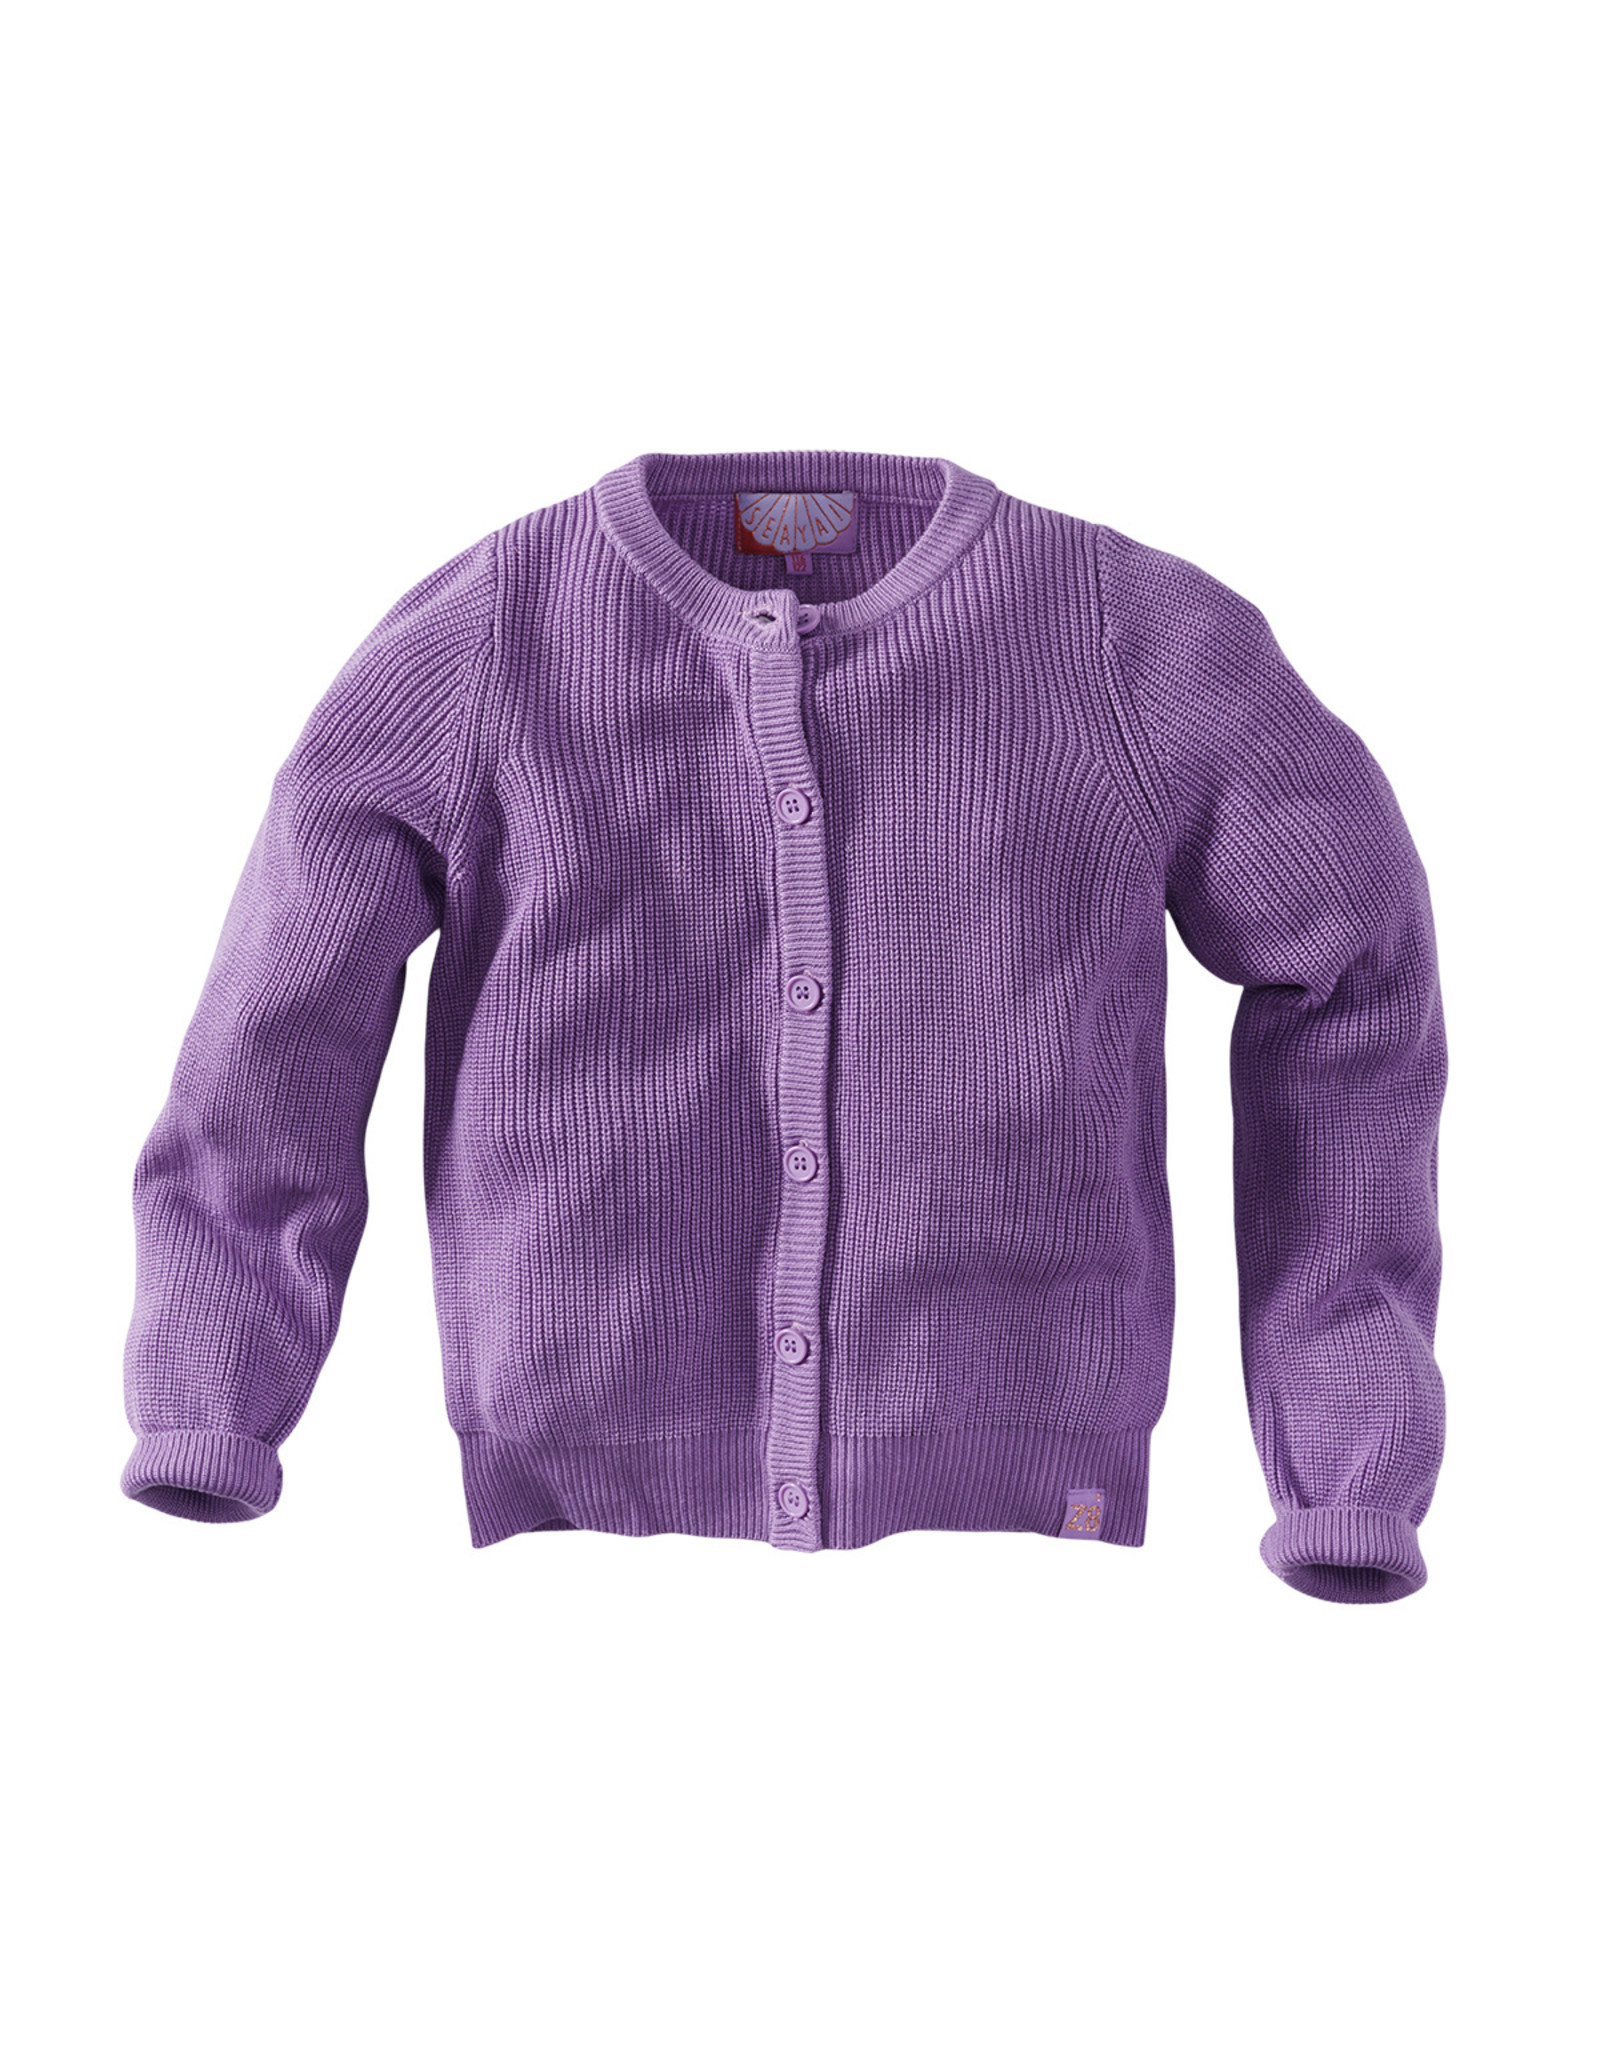 Z8 Candace, Funky violet